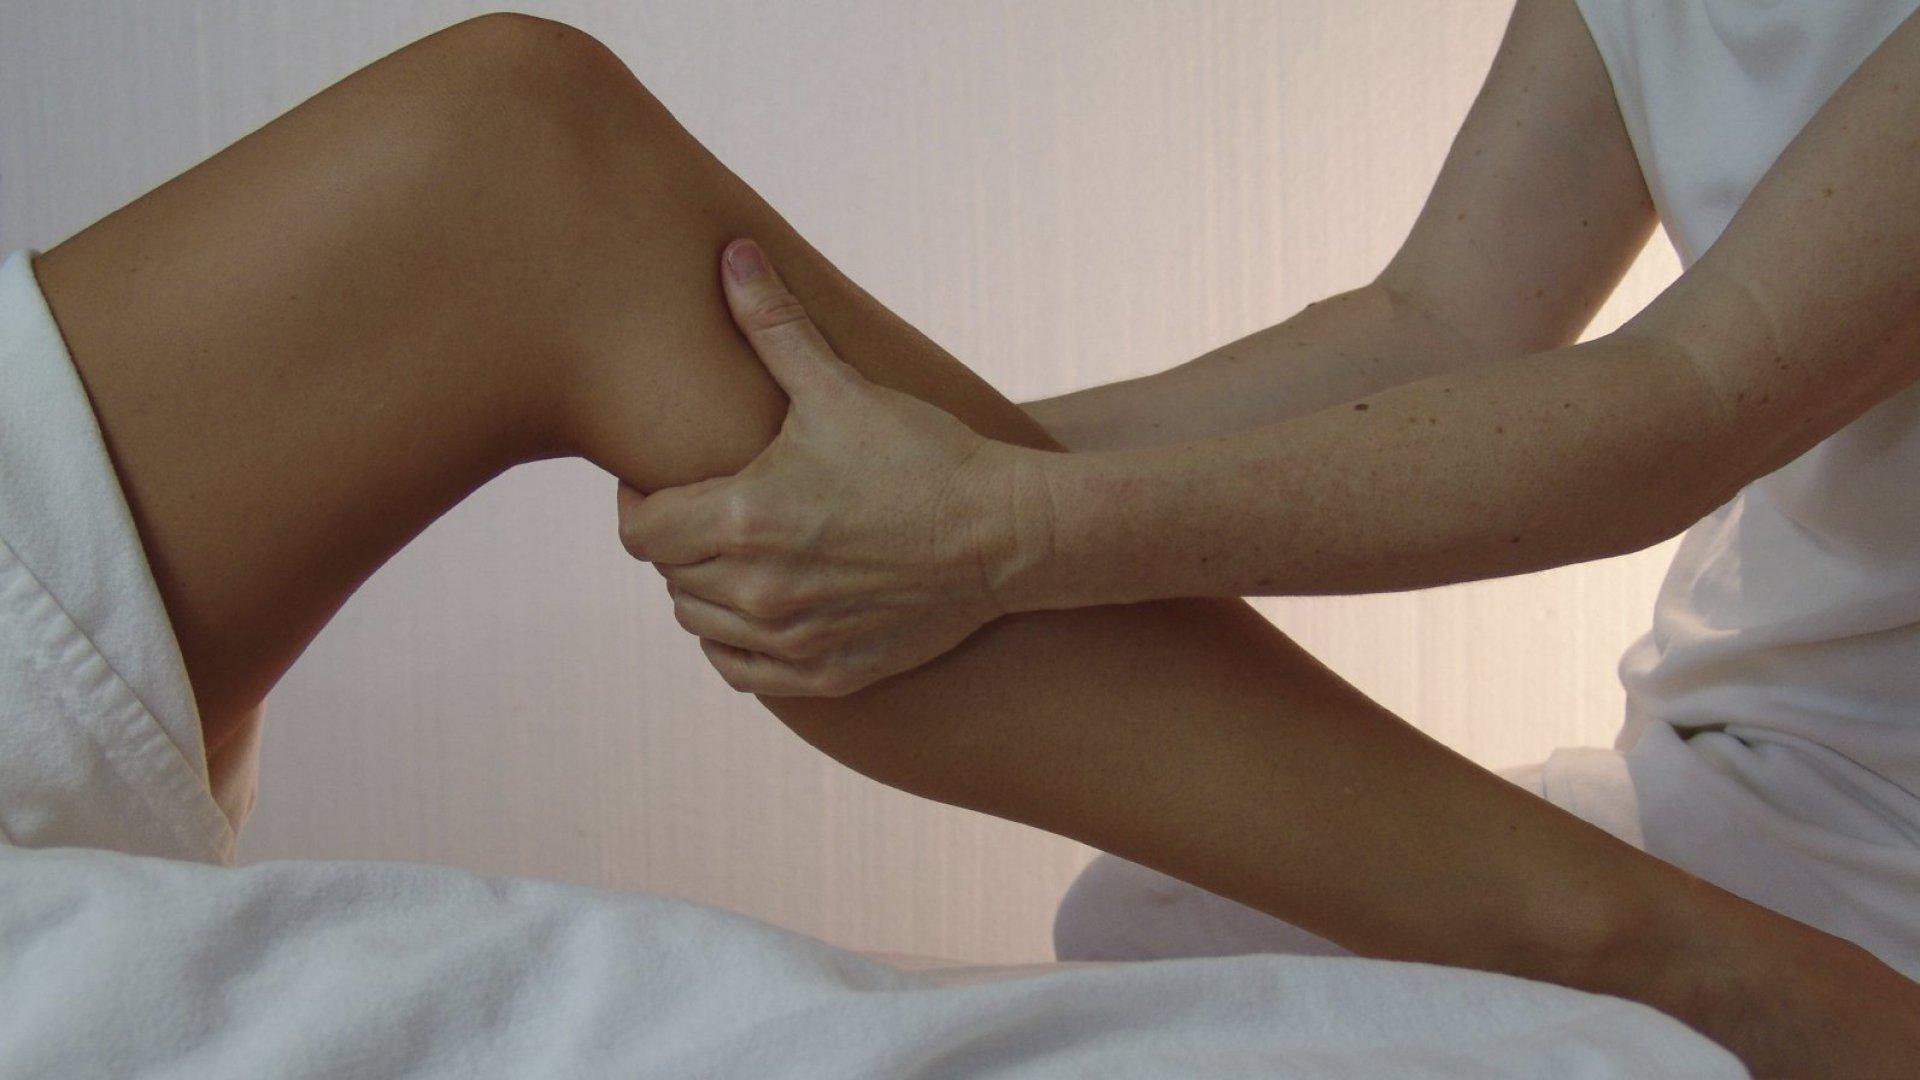 Інтимний масаж львів фото 21 фотография